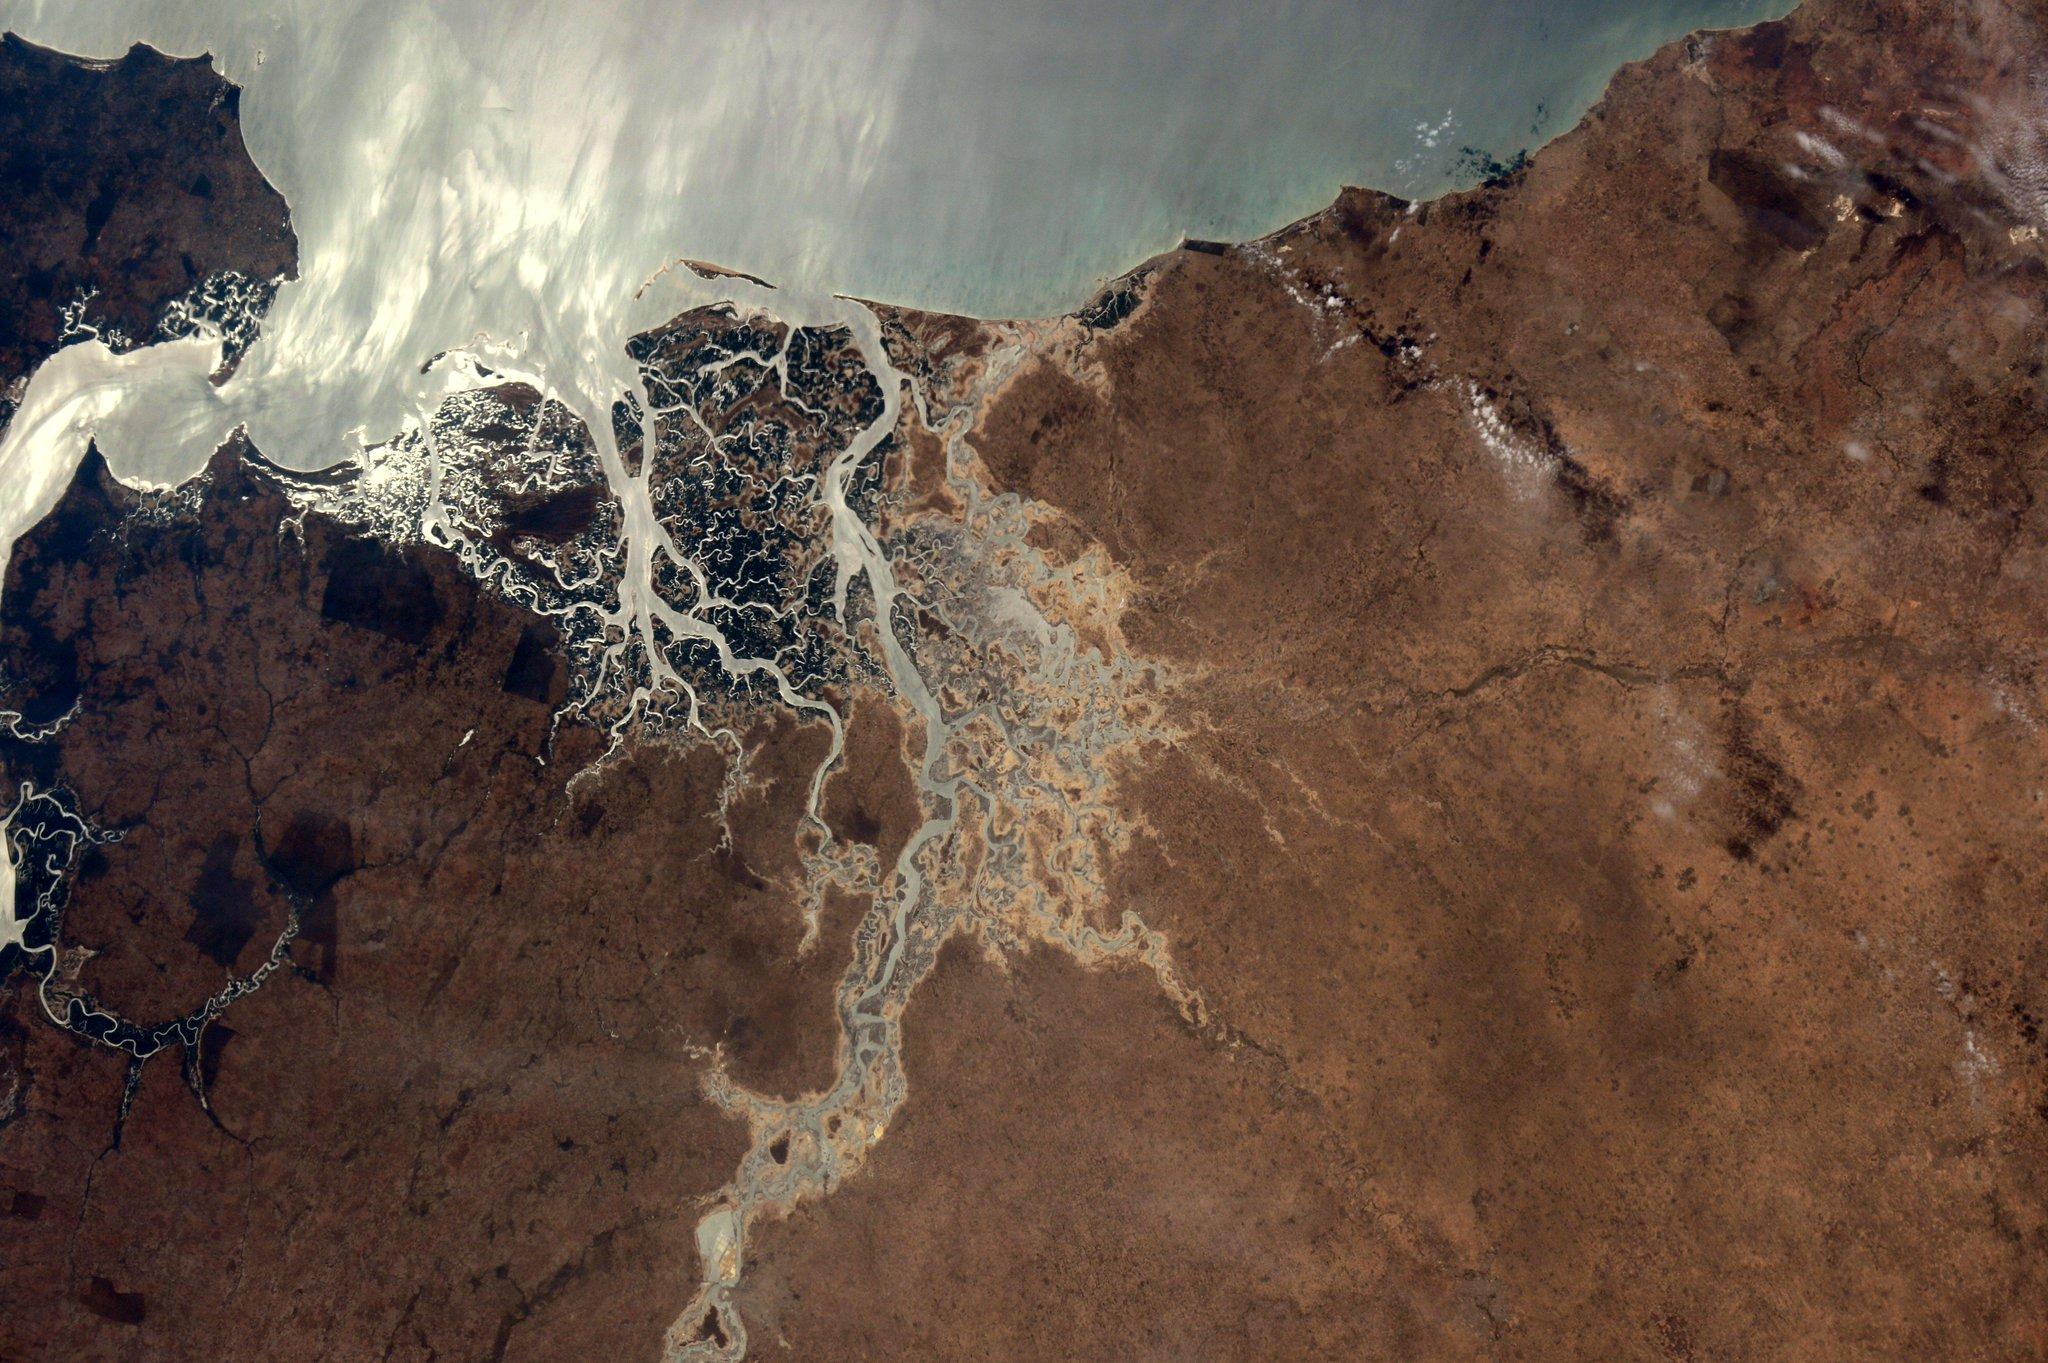 (IT)Ciao #Senegal! Il delta del Saloum-uno dei siti dell' #UNESCO #WorldHeritage e una splendida vista dallo spazio! http://t.co/lZObg6cTSa